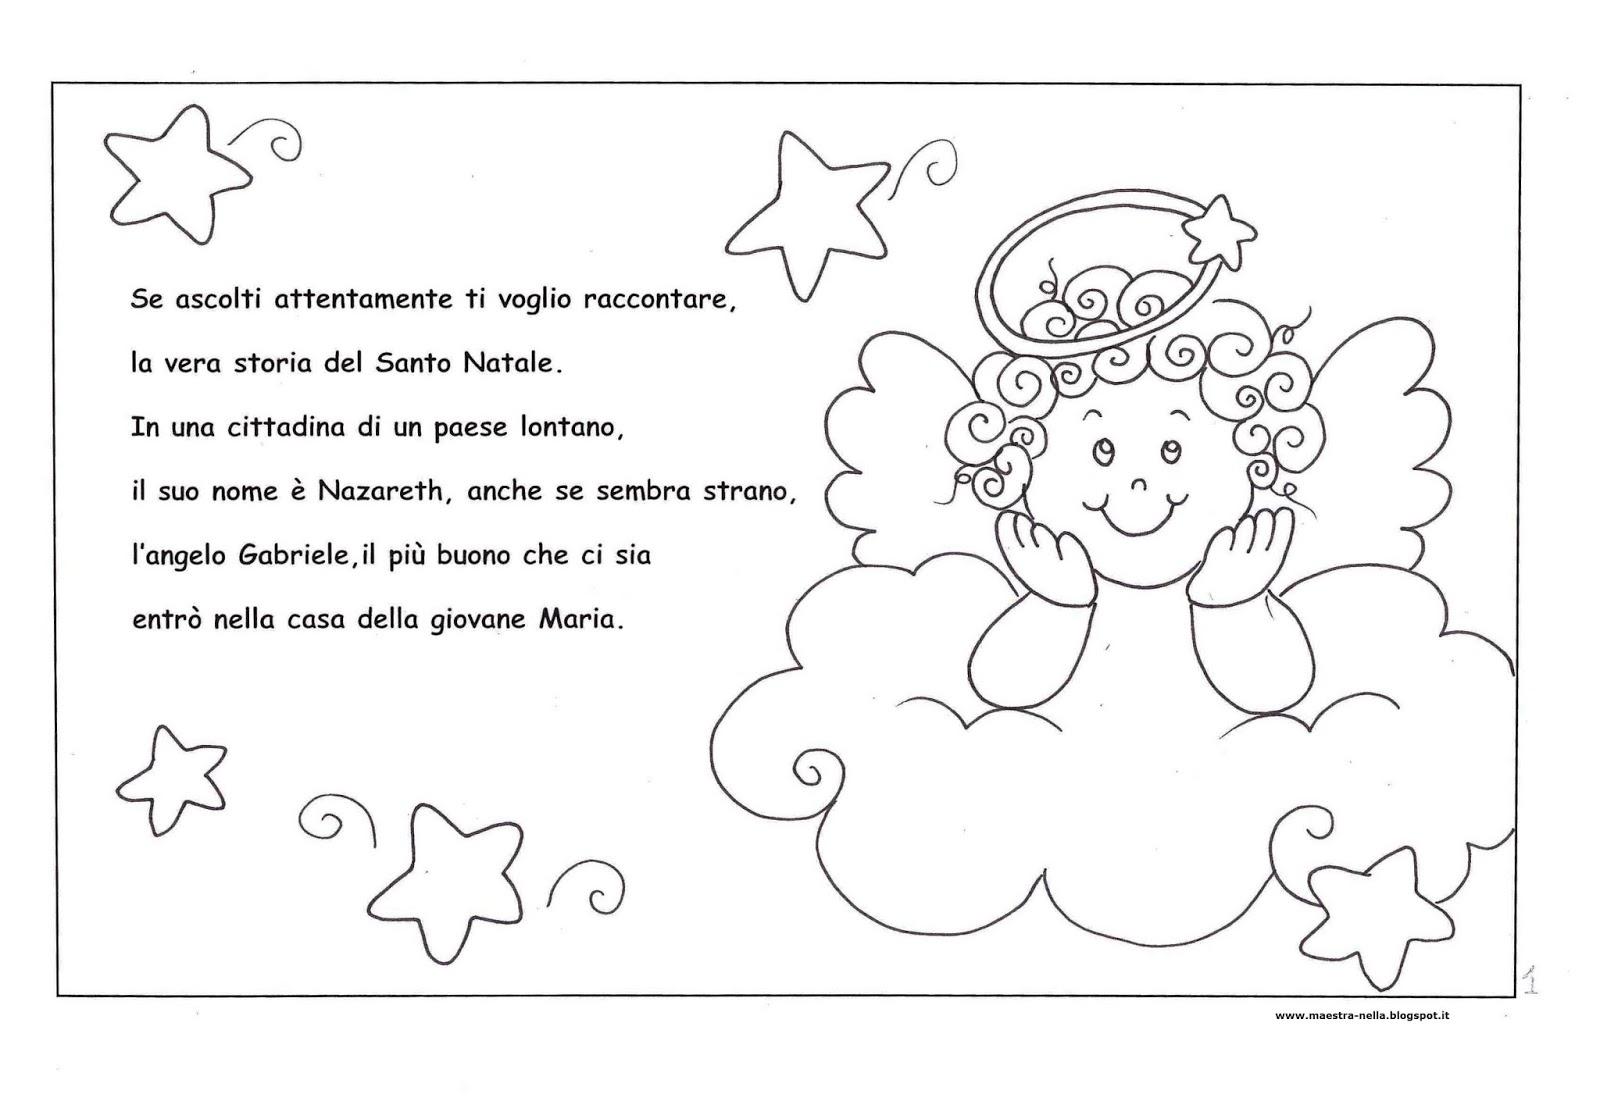 Maestra nella storia del santo natale for Schede didattiche natale scuola infanzia